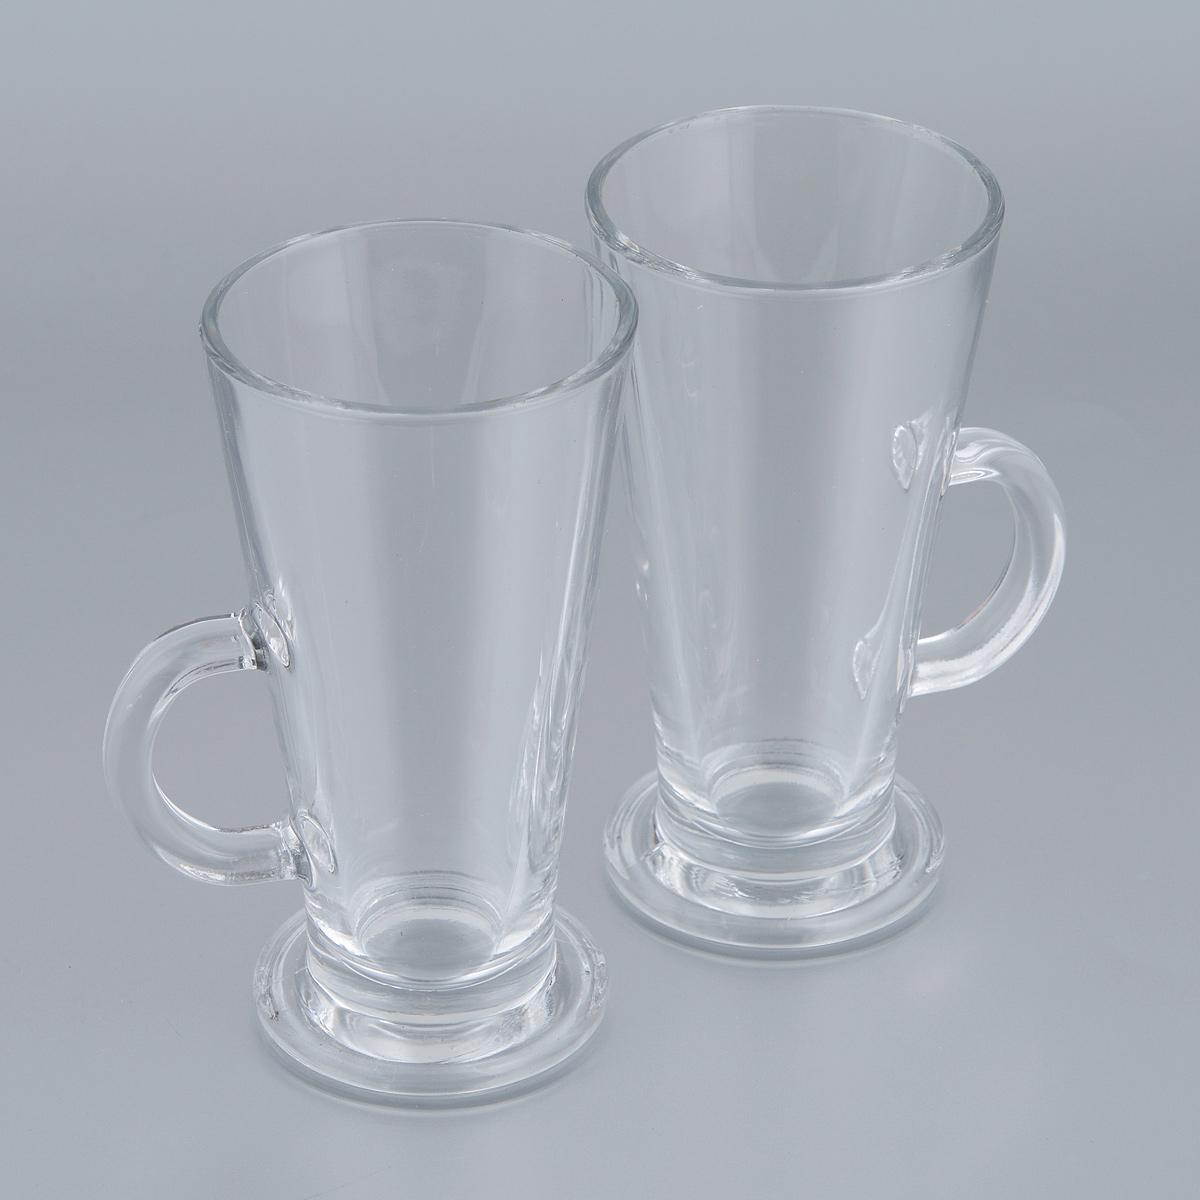 Набор кружек для пива Pasabahce Pub, 260 мл, 2 шт55861BНабор Pasabahce Pub состоит из двух кружек, выполненных из прочного натрий-кальций-силикатного стекла. Кружки оснащены ручками и прекрасно подходят для подачи пива. Функциональность, практичность и стильный дизайн сделают набор прекрасным дополнением к вашей коллекции посуды. Можно мыть в посудомоечной машине и использовать в микроволновой печи. Диаметр кружки (по верхнему краю): 7 см. Высота кружки: 14,5 см. Объем: 260 мл.